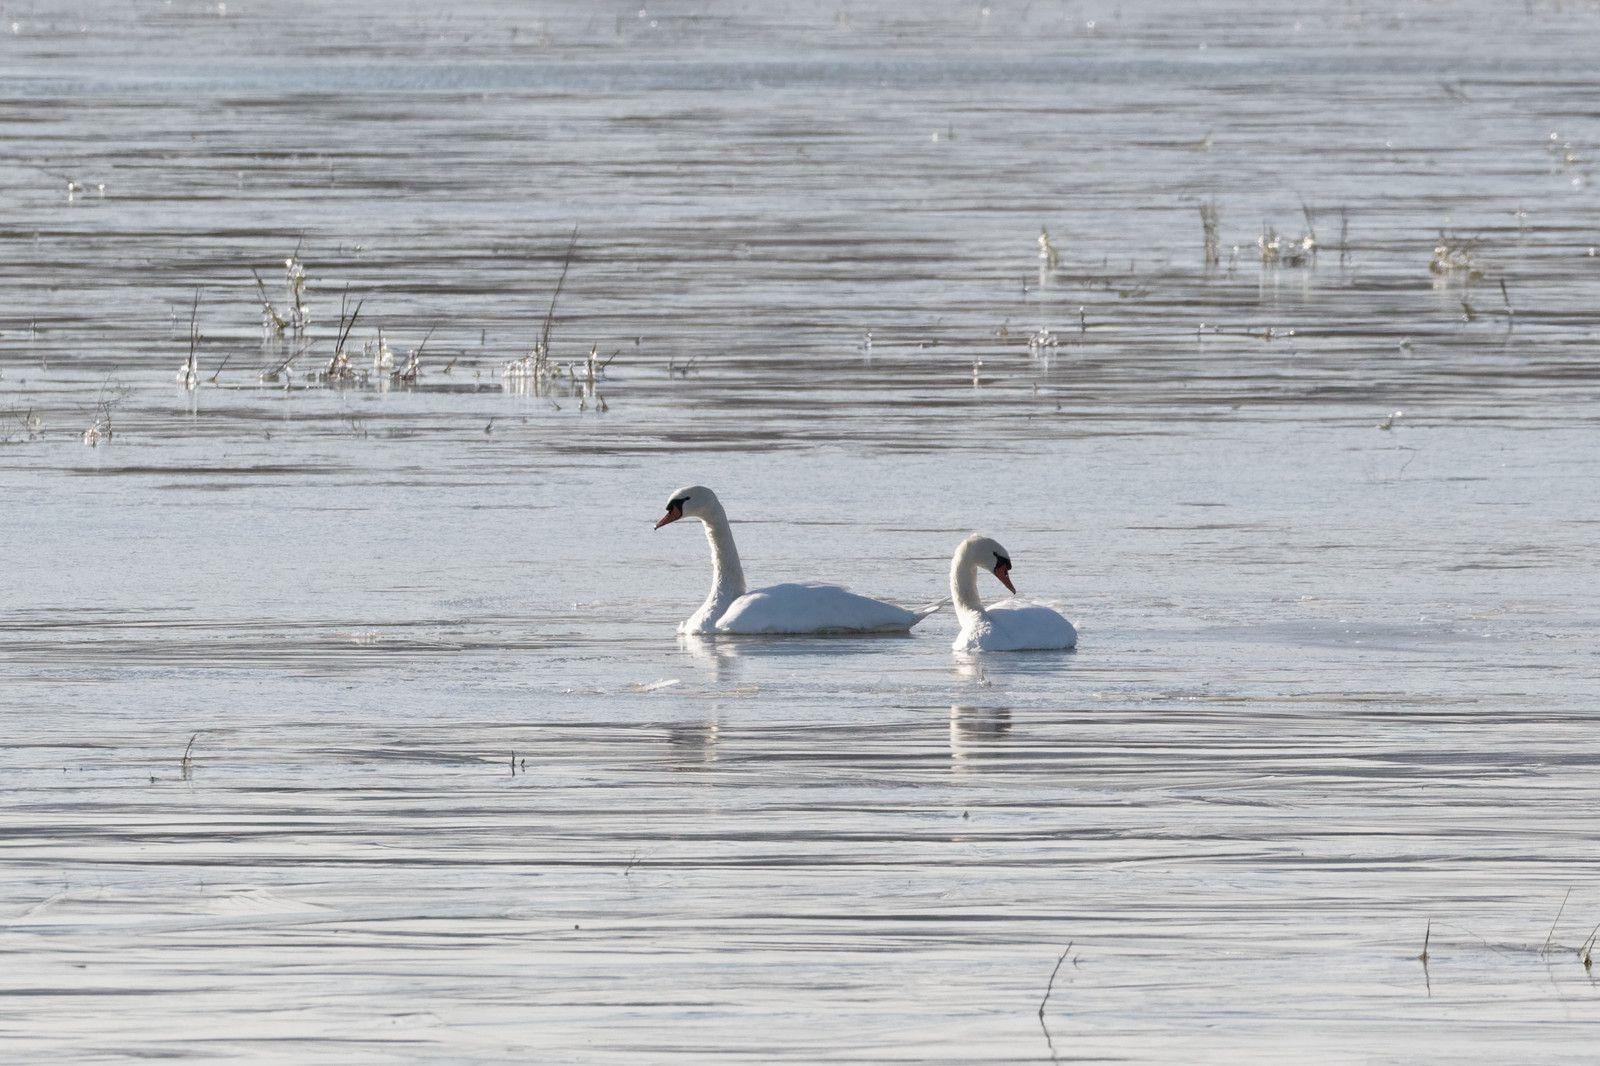 549 - Au pays de la glace, lois physiques s'associent aux couleurs éclatantes du monde aviaire : 13/02/2021